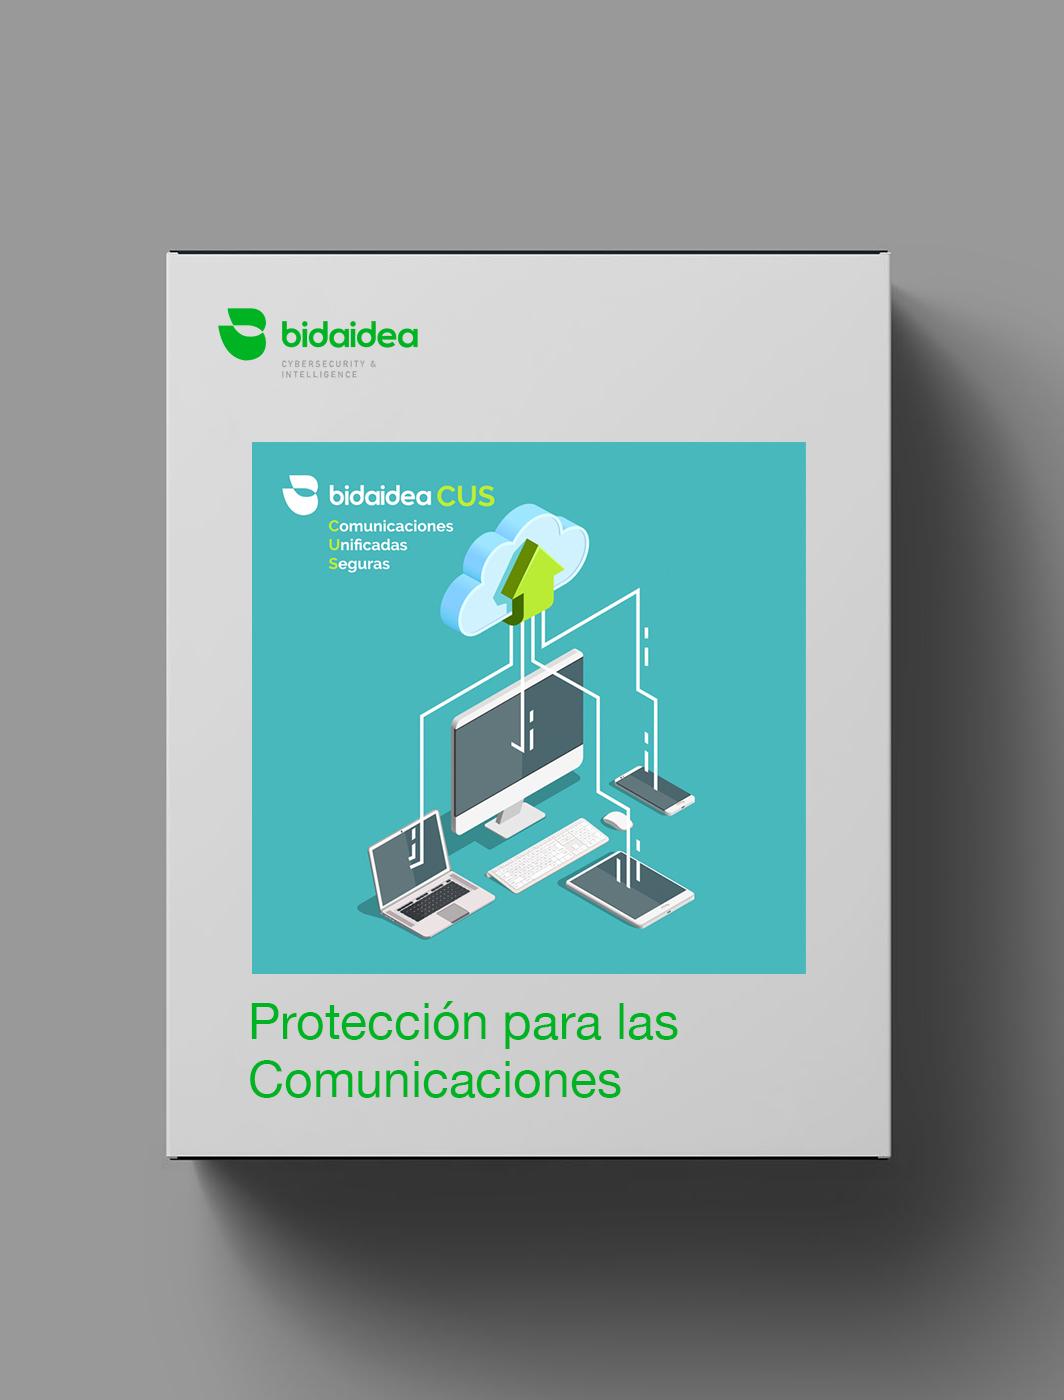 bidaidea proteccion para las comunicaciones - Empresa de Ciberseguridad